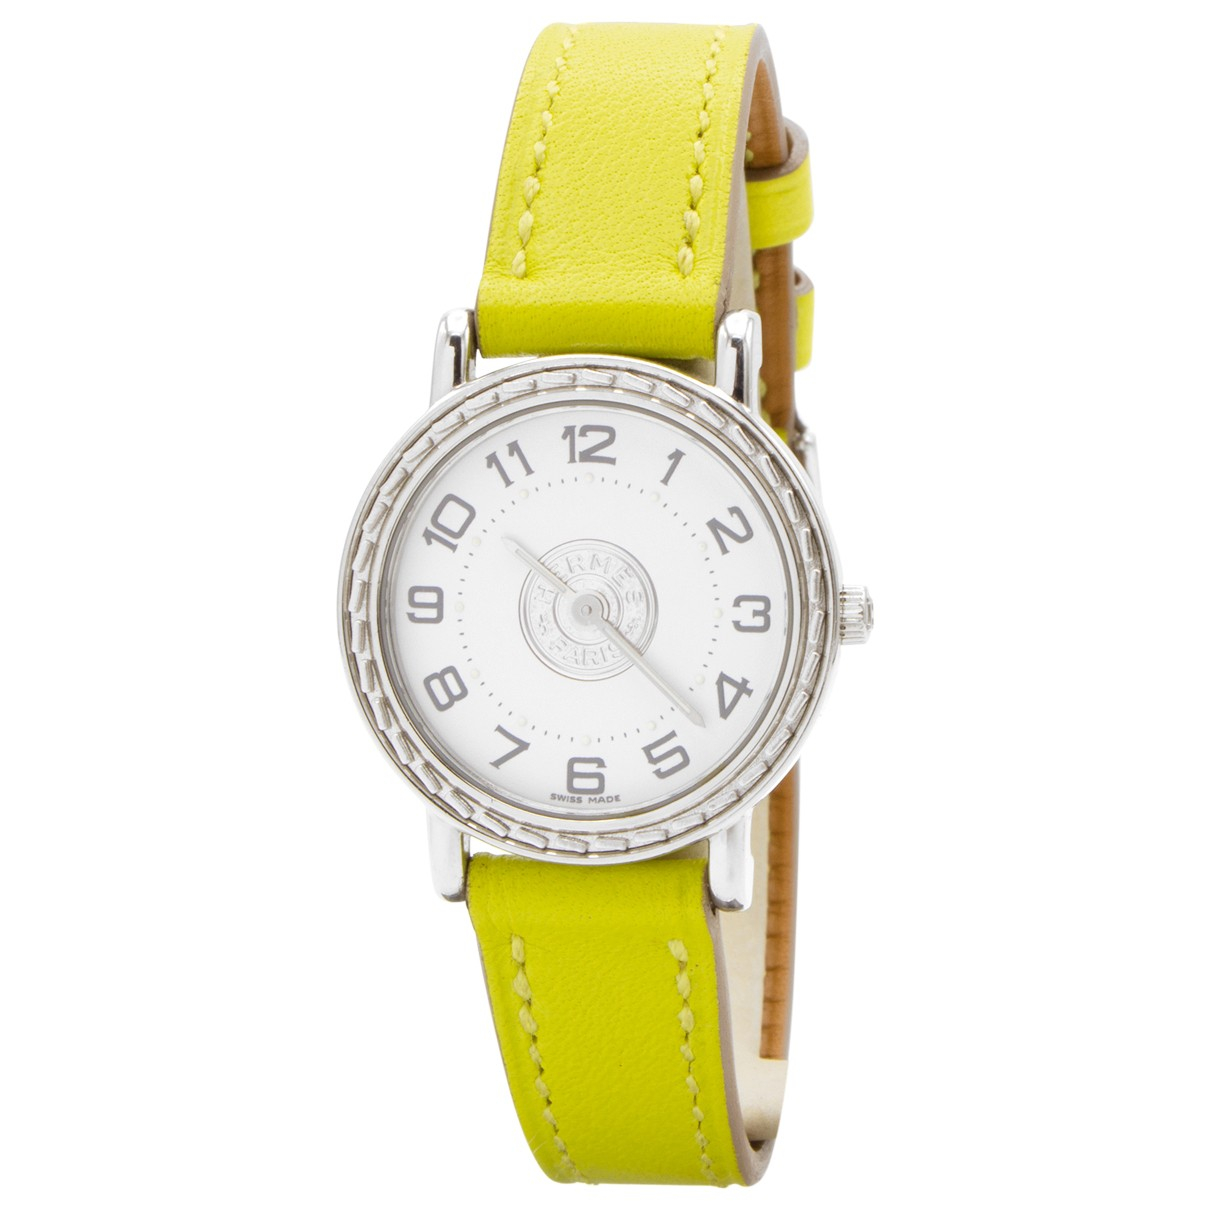 Hermes Sellier Uhr in  Silber Stahl